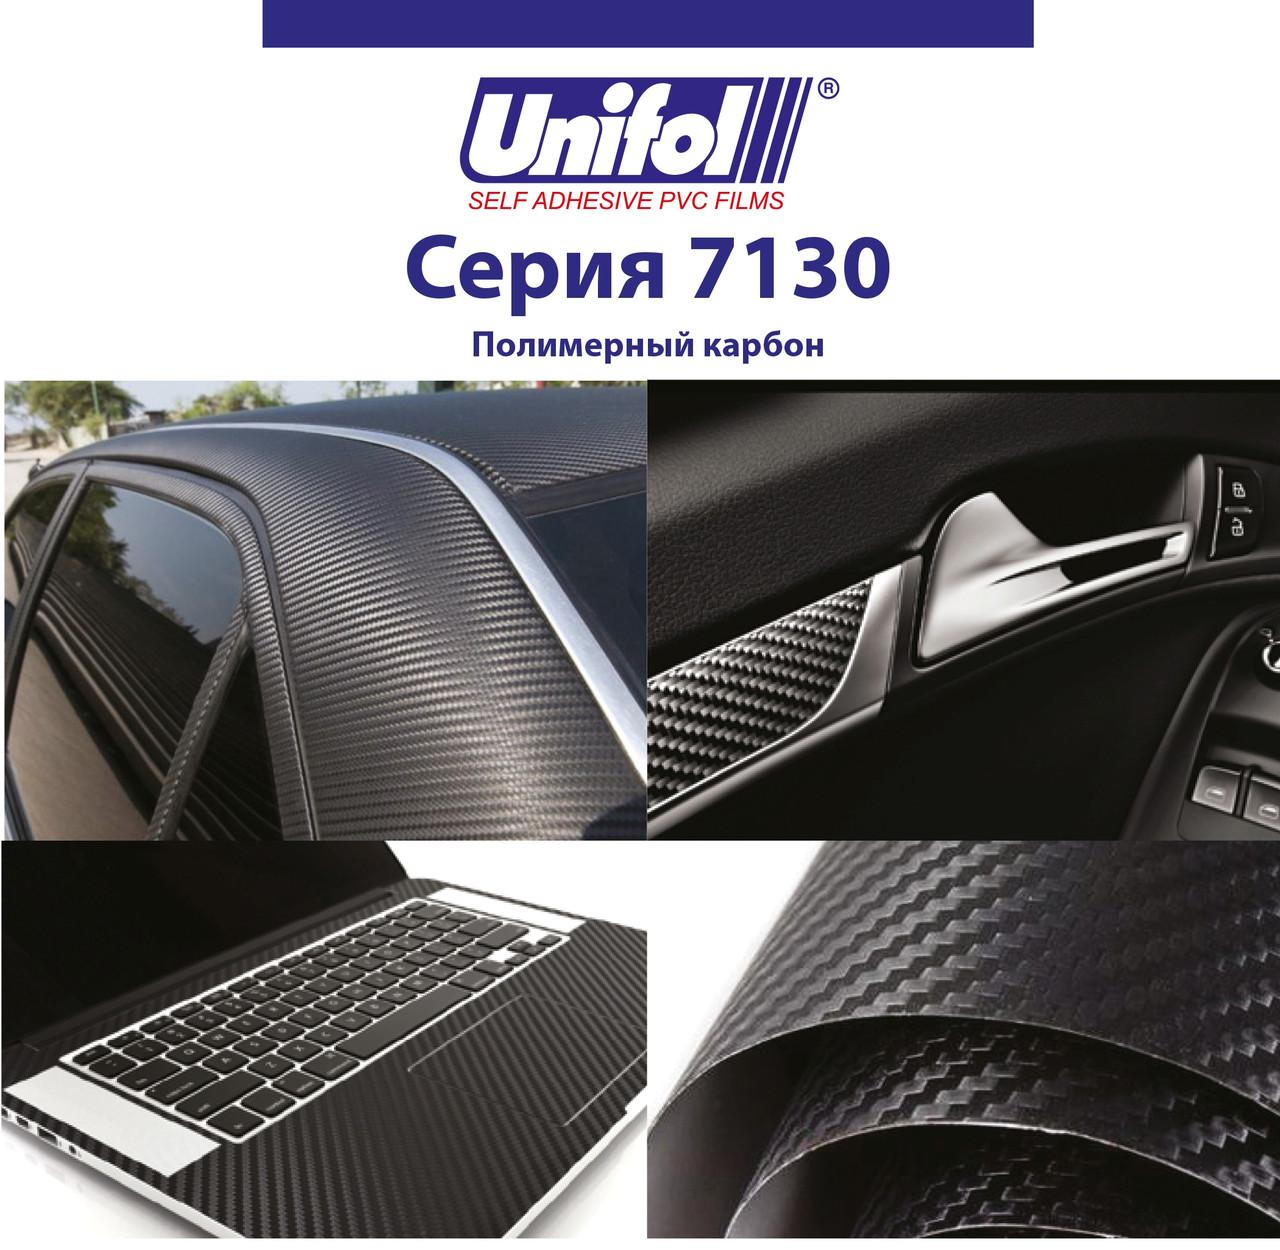 Полимерный карбон Unifol 7130